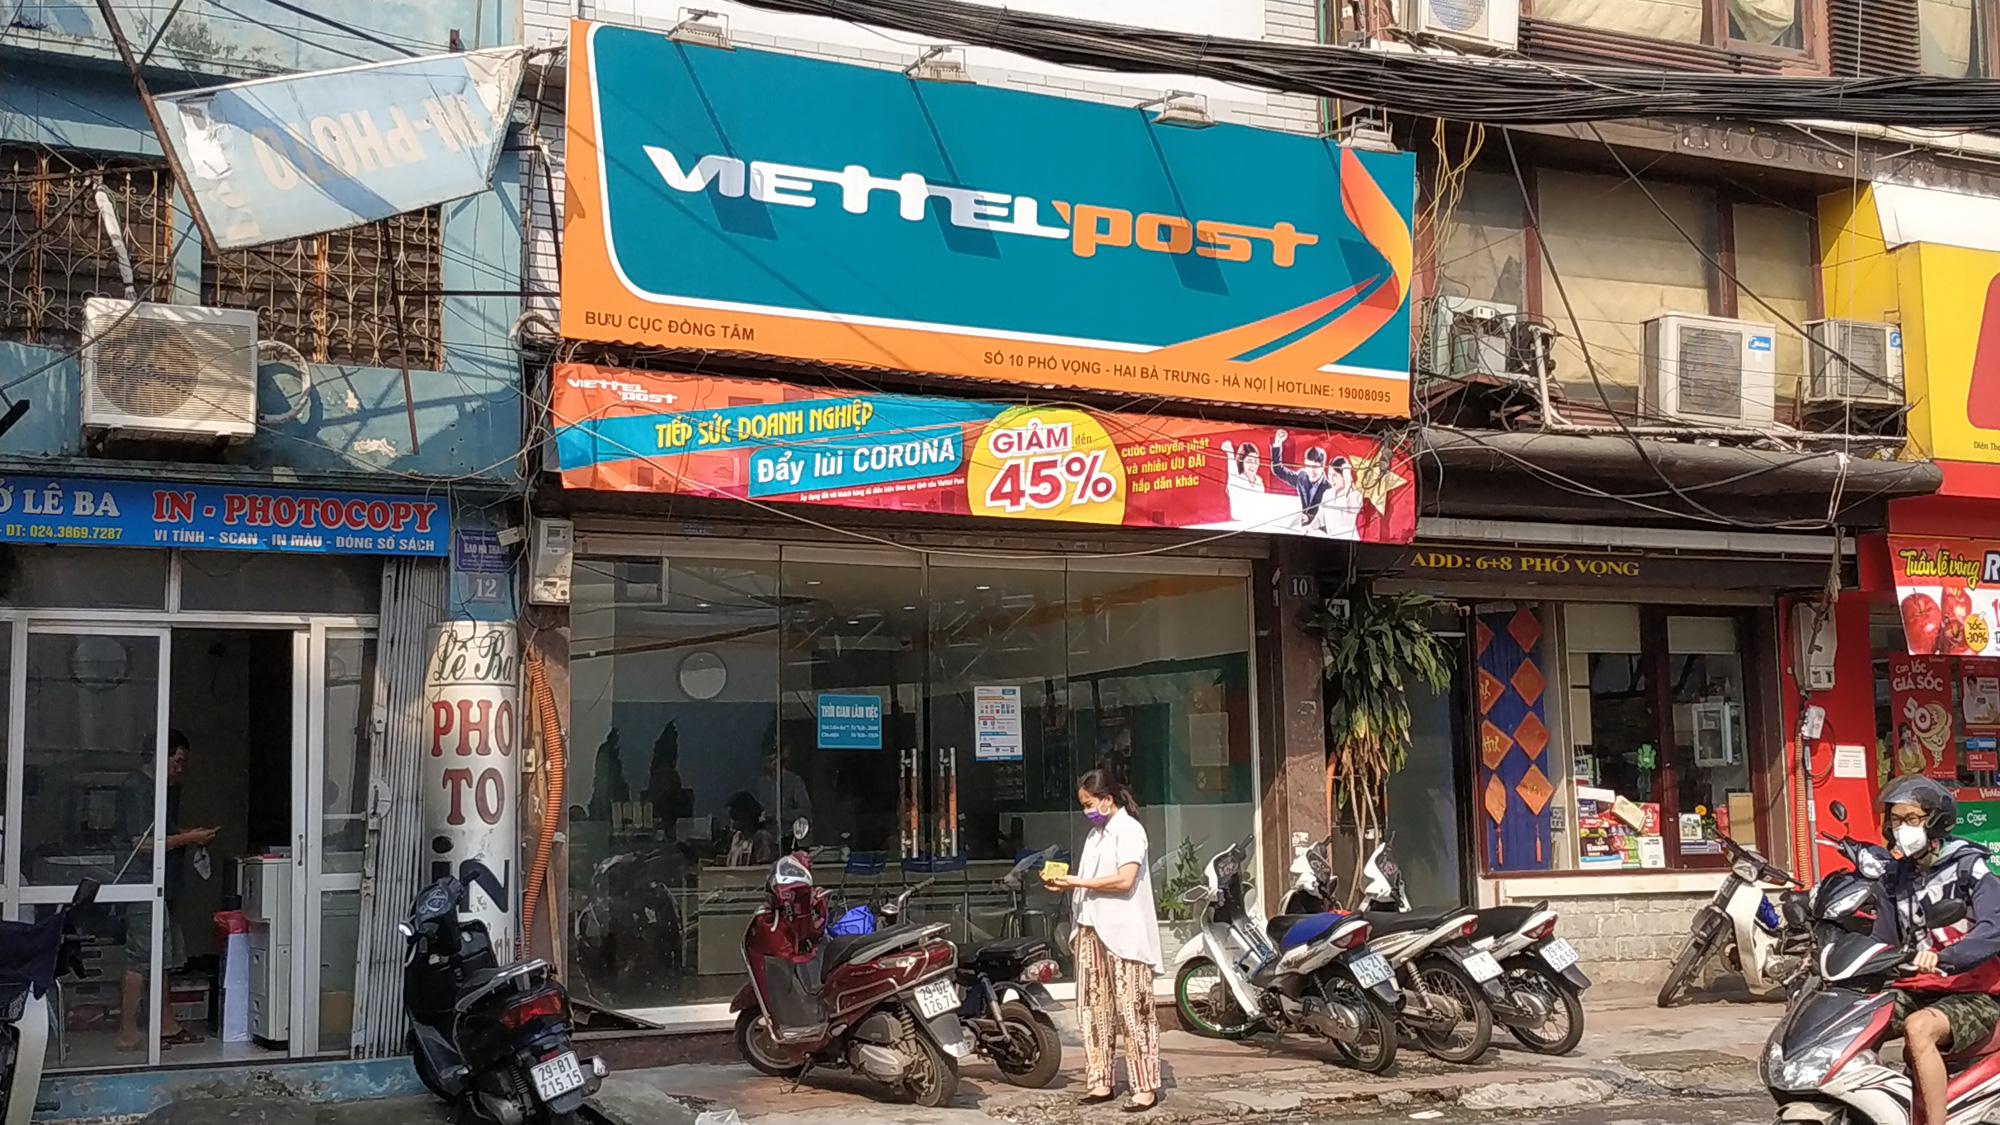 Viettel Post đặt mục tiêu nguồn thu tăng hơn 140% trong năm nay, khẳng định không chạy theo cuộc chơi đốt tiền  - Ảnh 1.